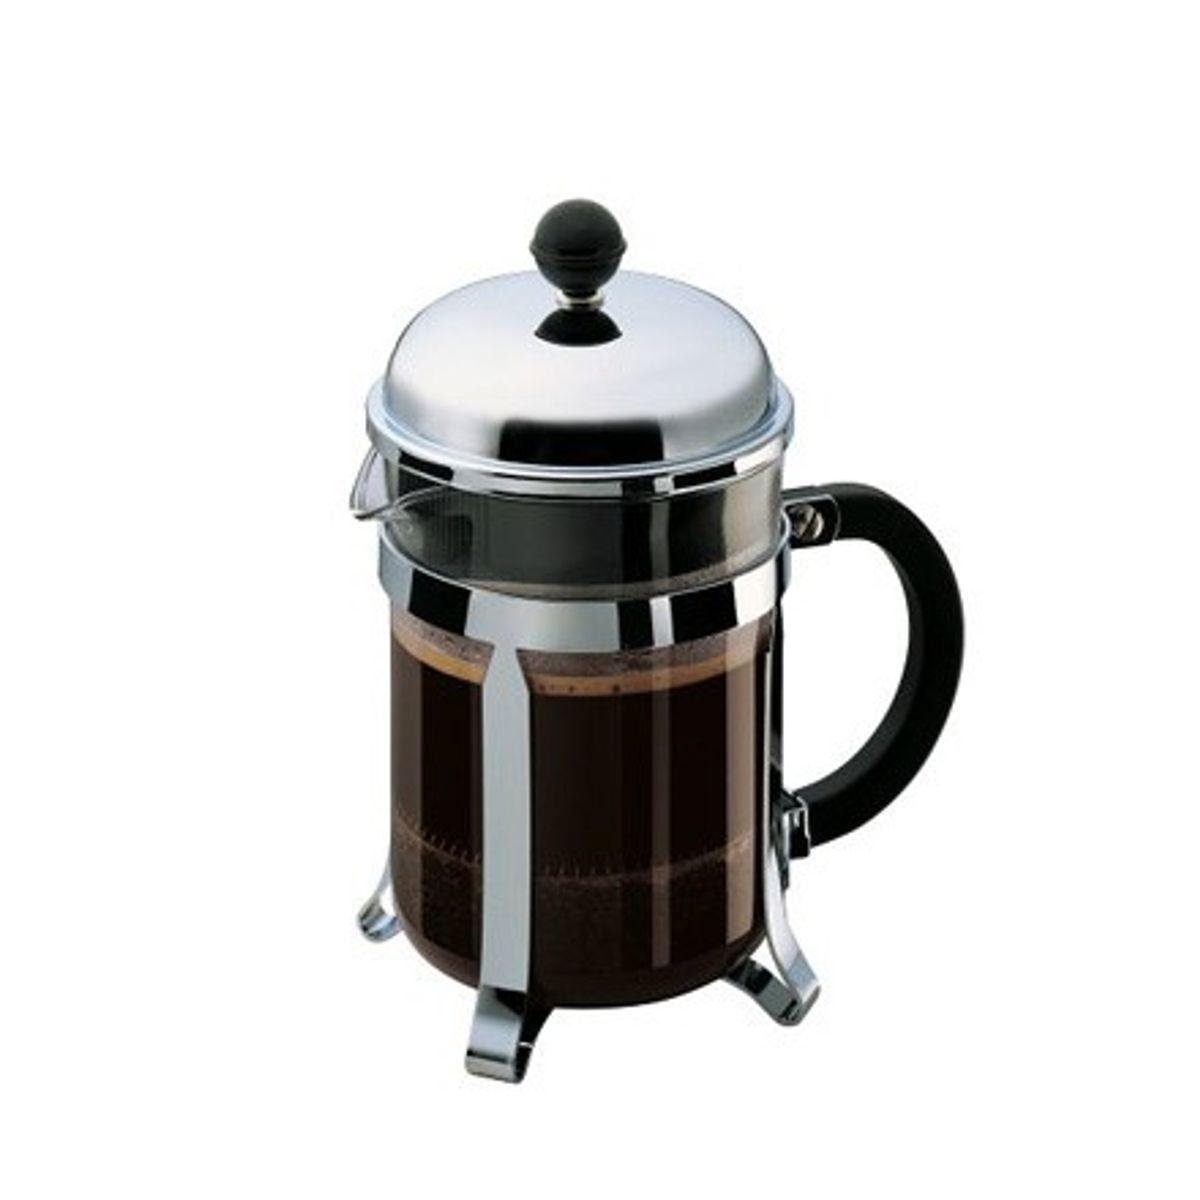 Cafetière à piston Chambord - 4 tasses - Bodum